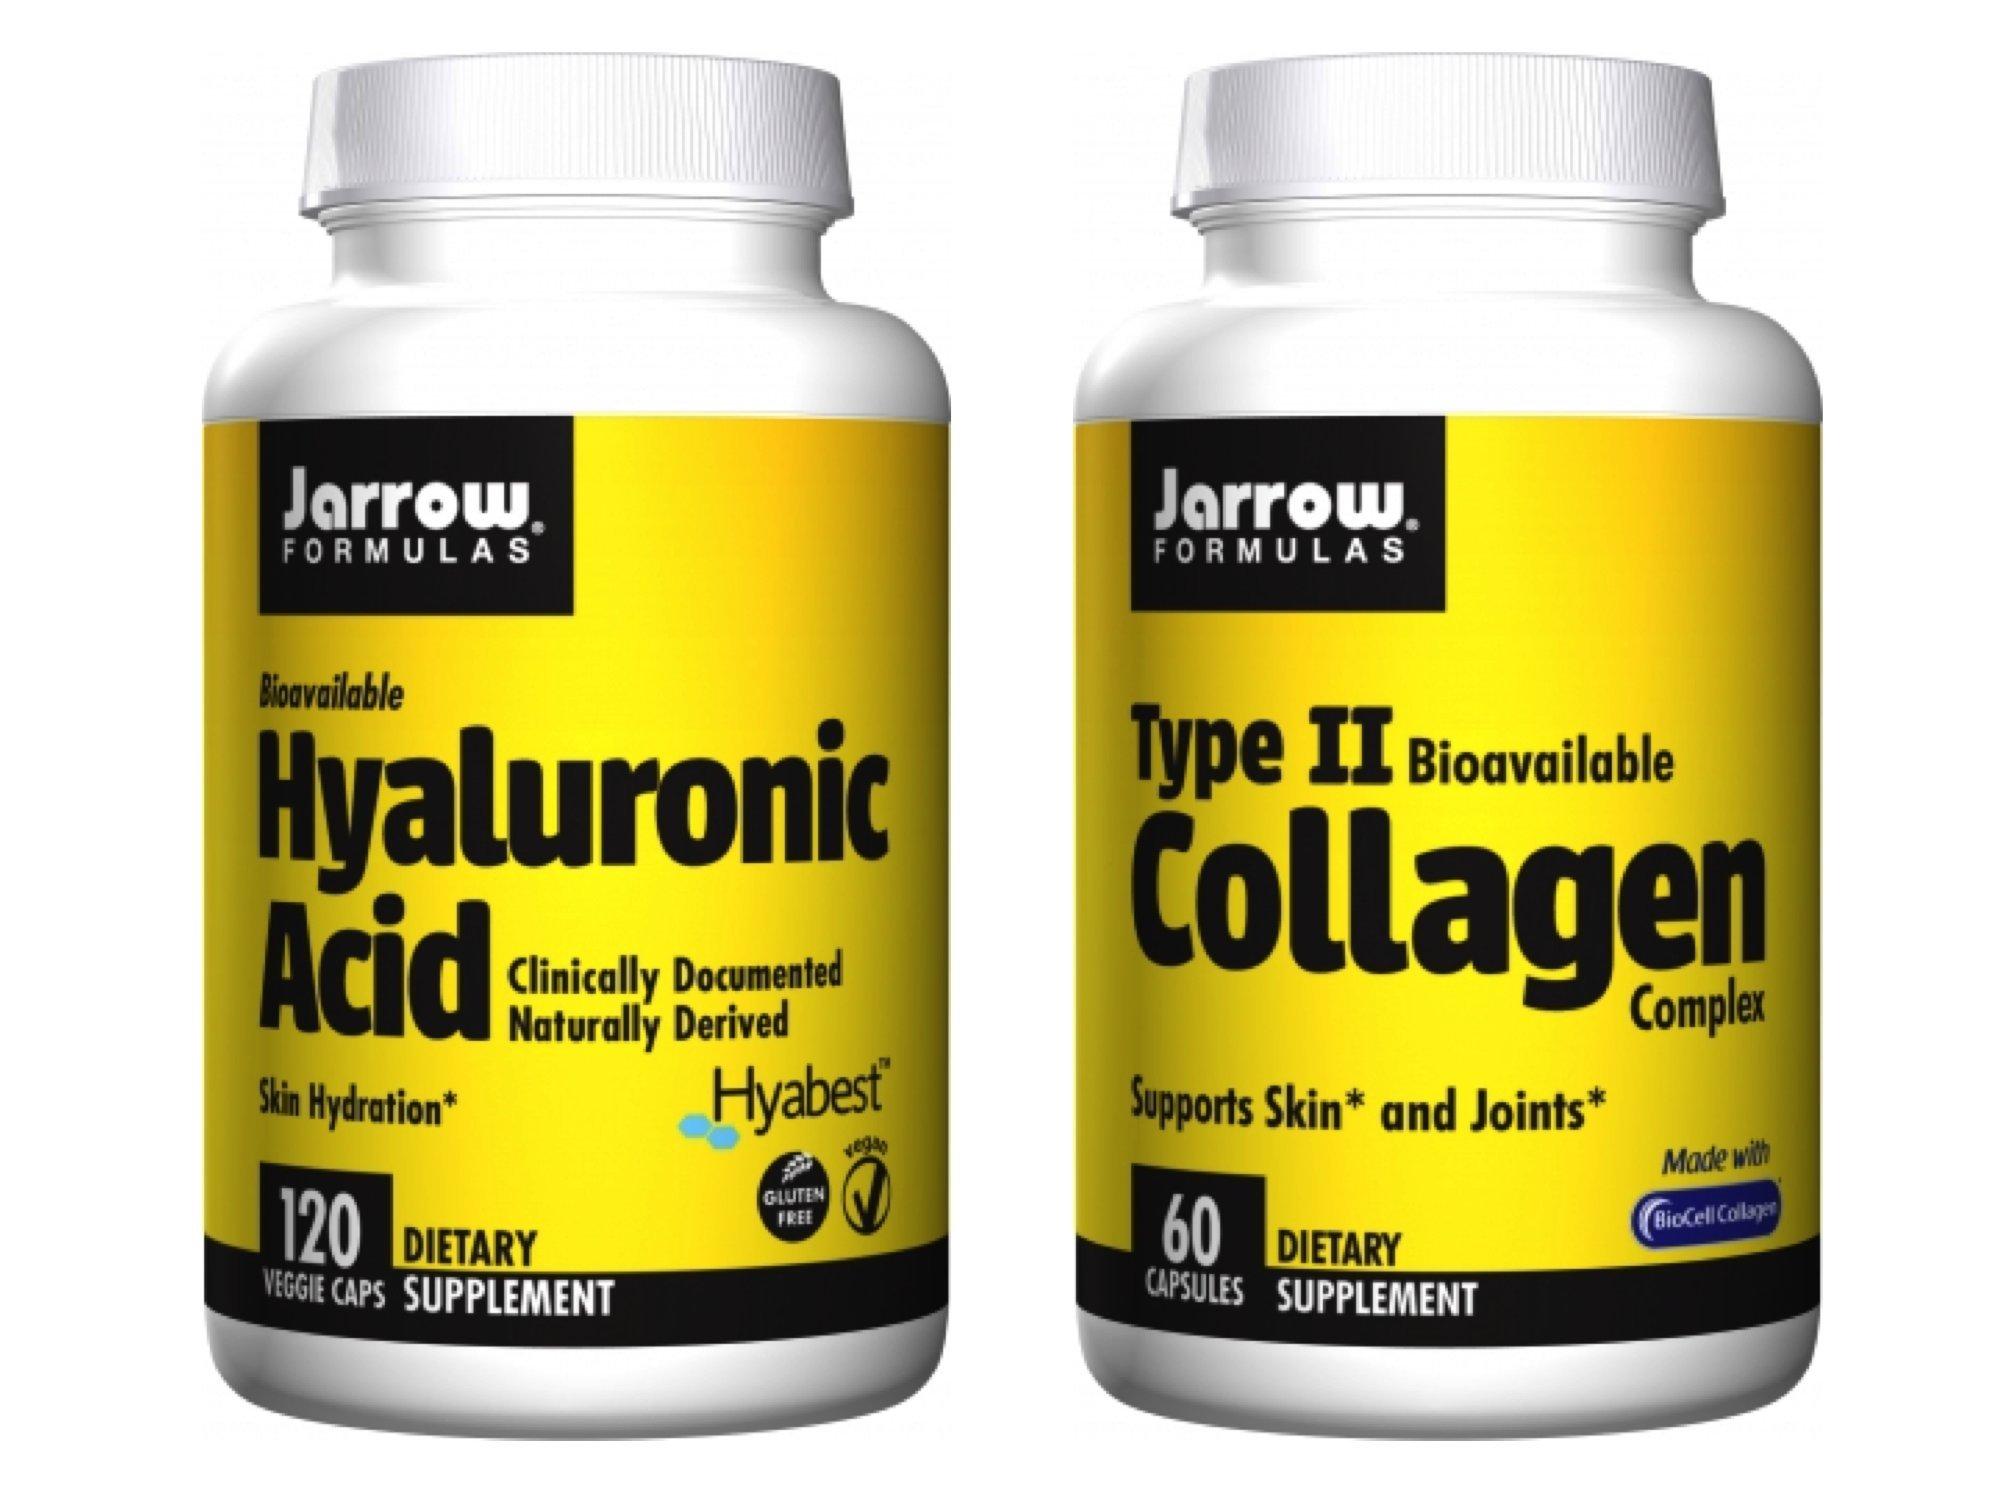 Jarrow Formulas Supplement Bundle (2 Items) – Hyaluronic Acid + Type II Collagen